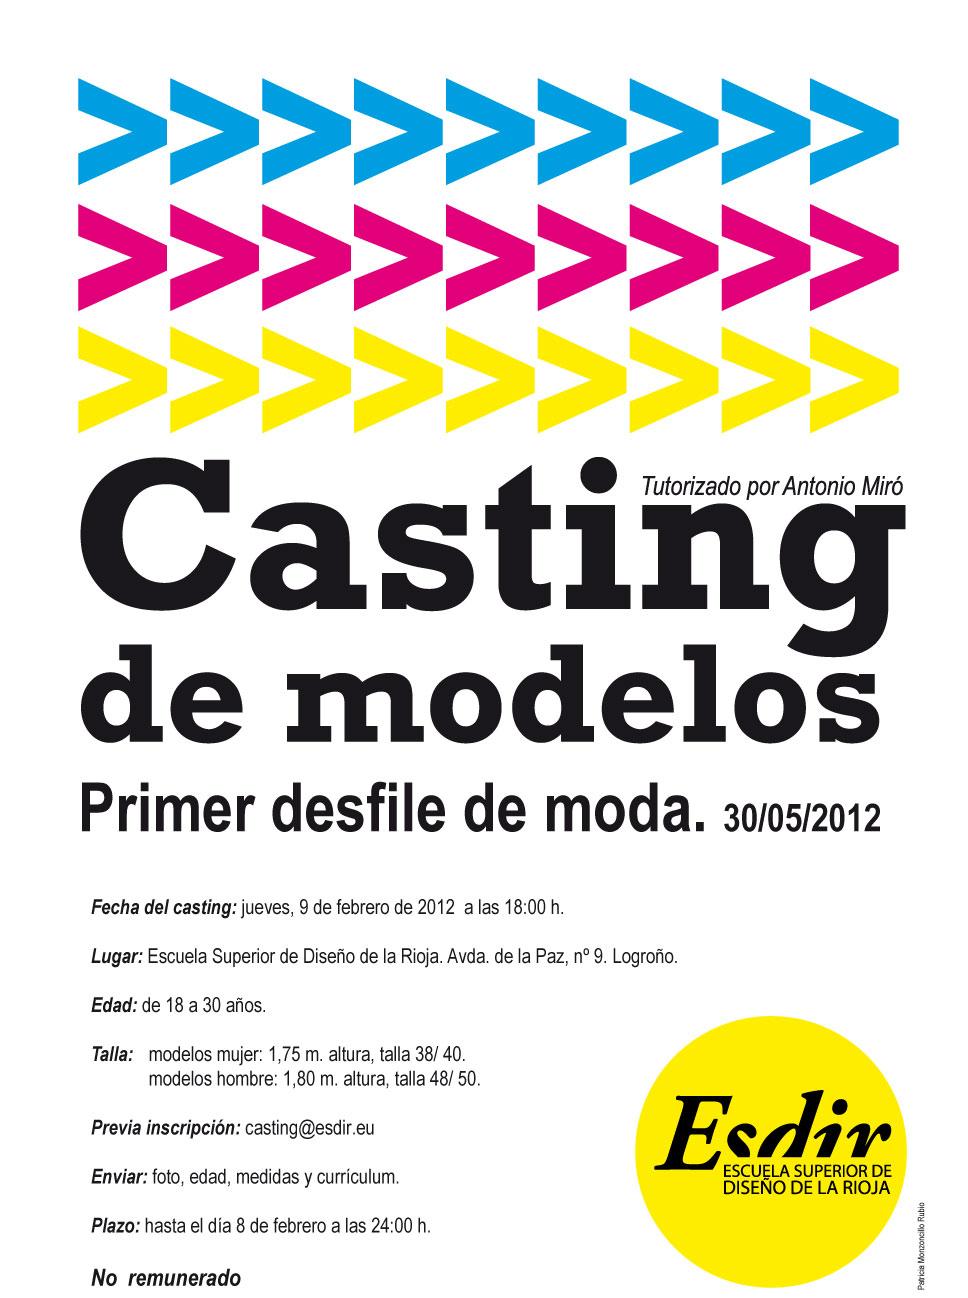 Casting de modelos.